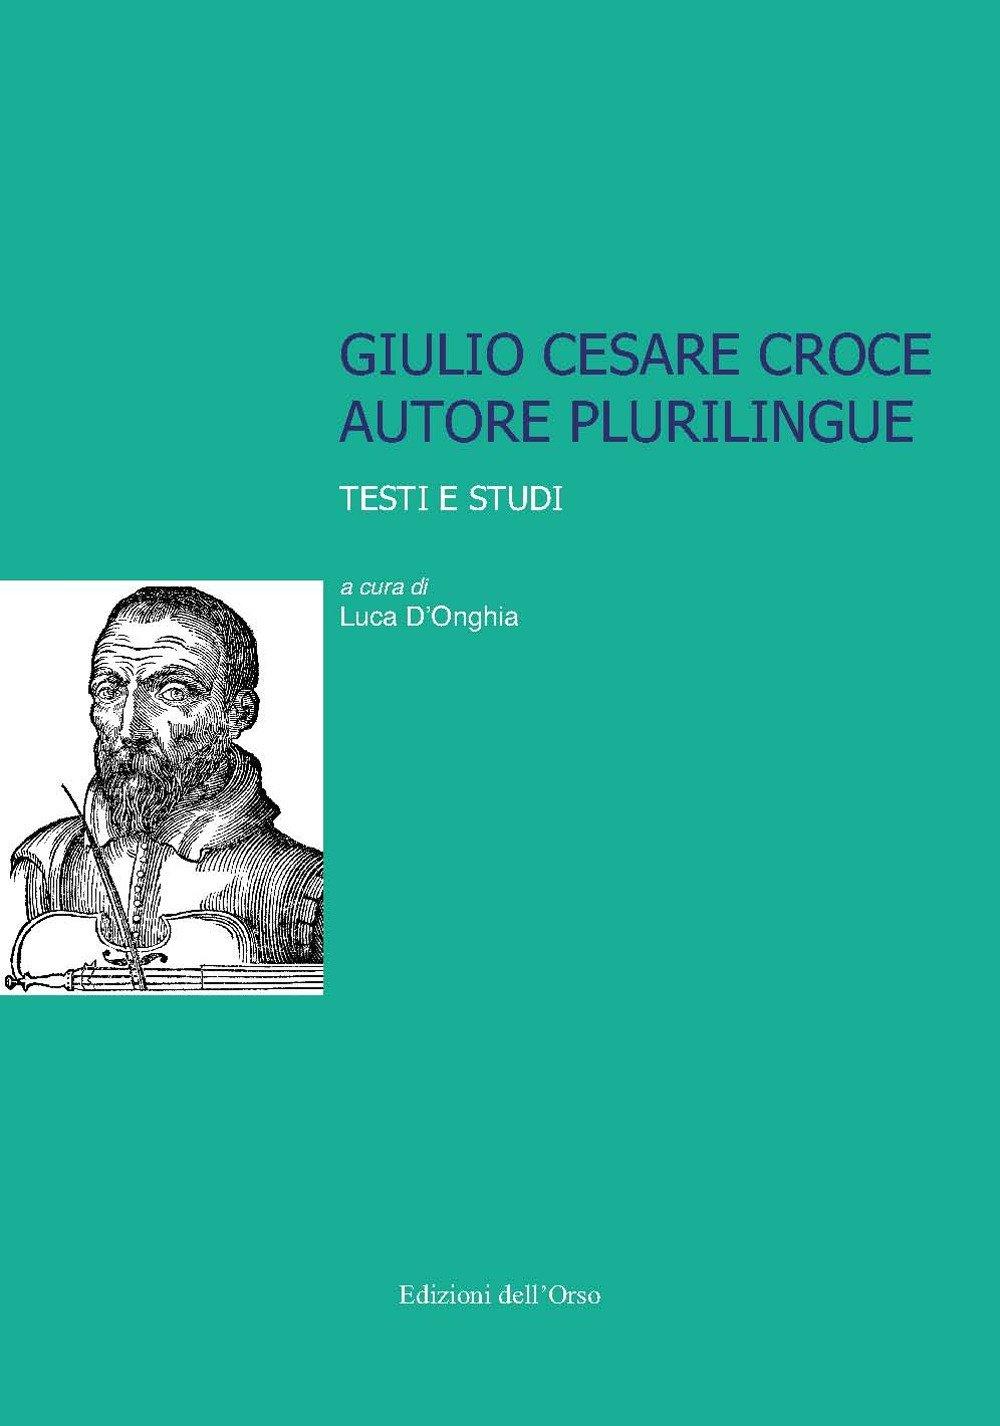 Giulio Cesare Croce autore plurilingue. Testi e studi